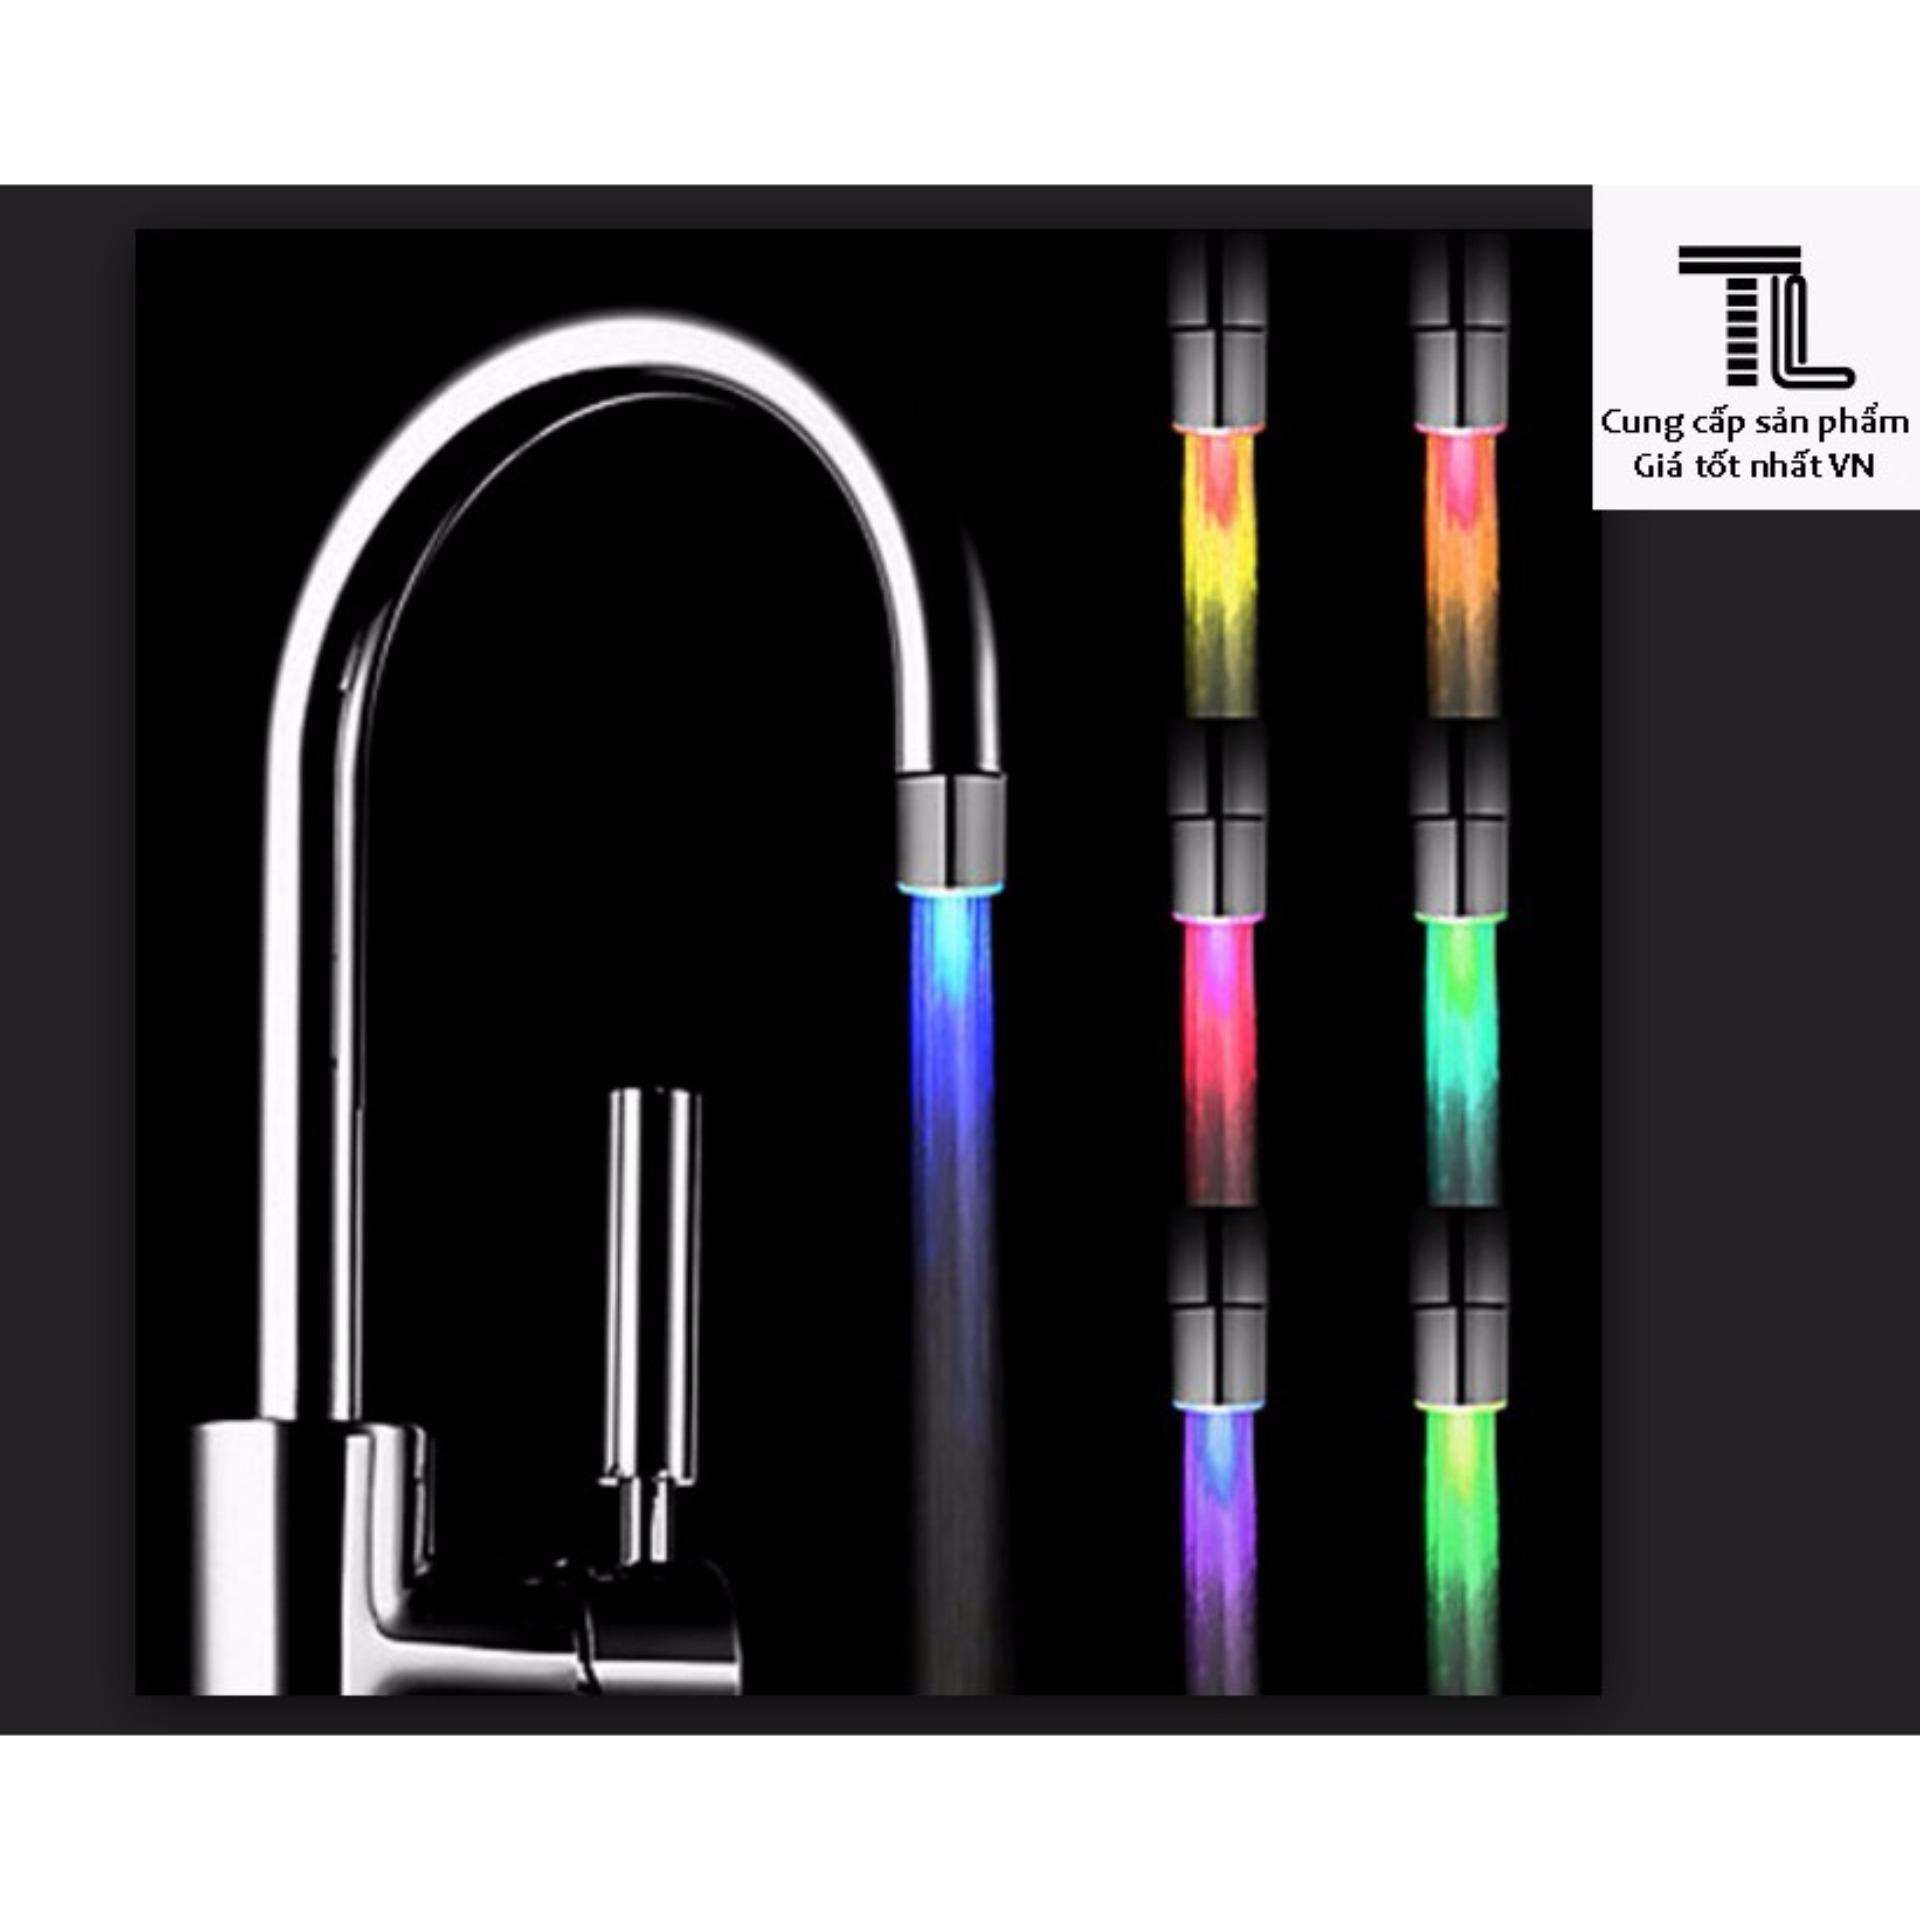 Hình ảnh Vòi lavabo đổi màu hiệu ứng đa sắc, phụ kiện trang trí phòng tắm